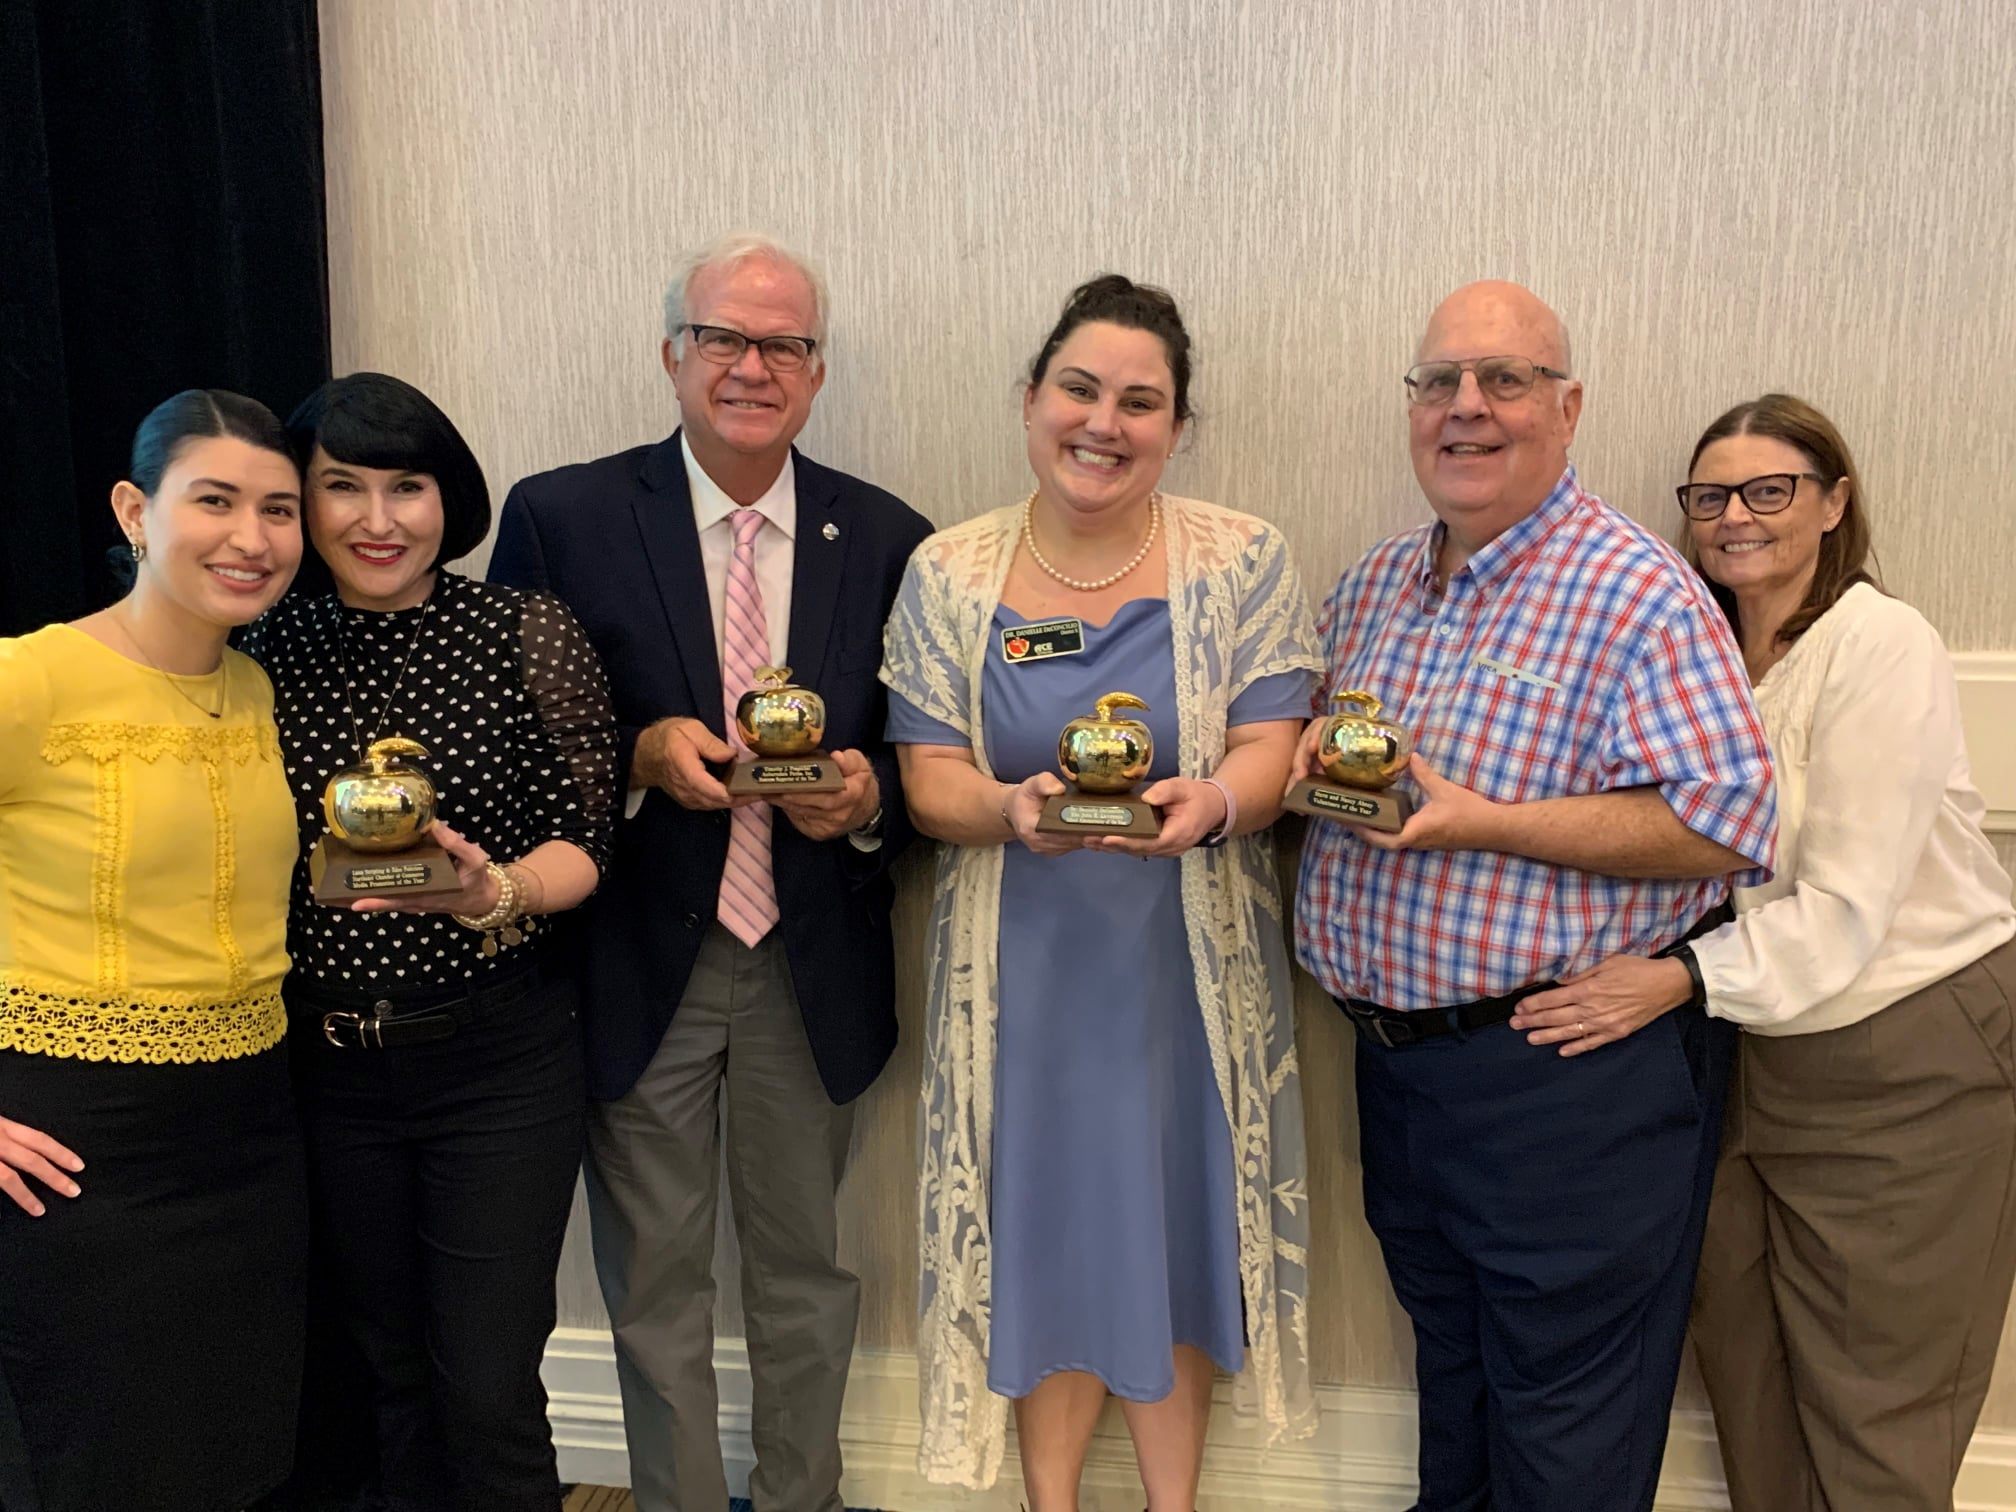 Award winners from East Area Adult School